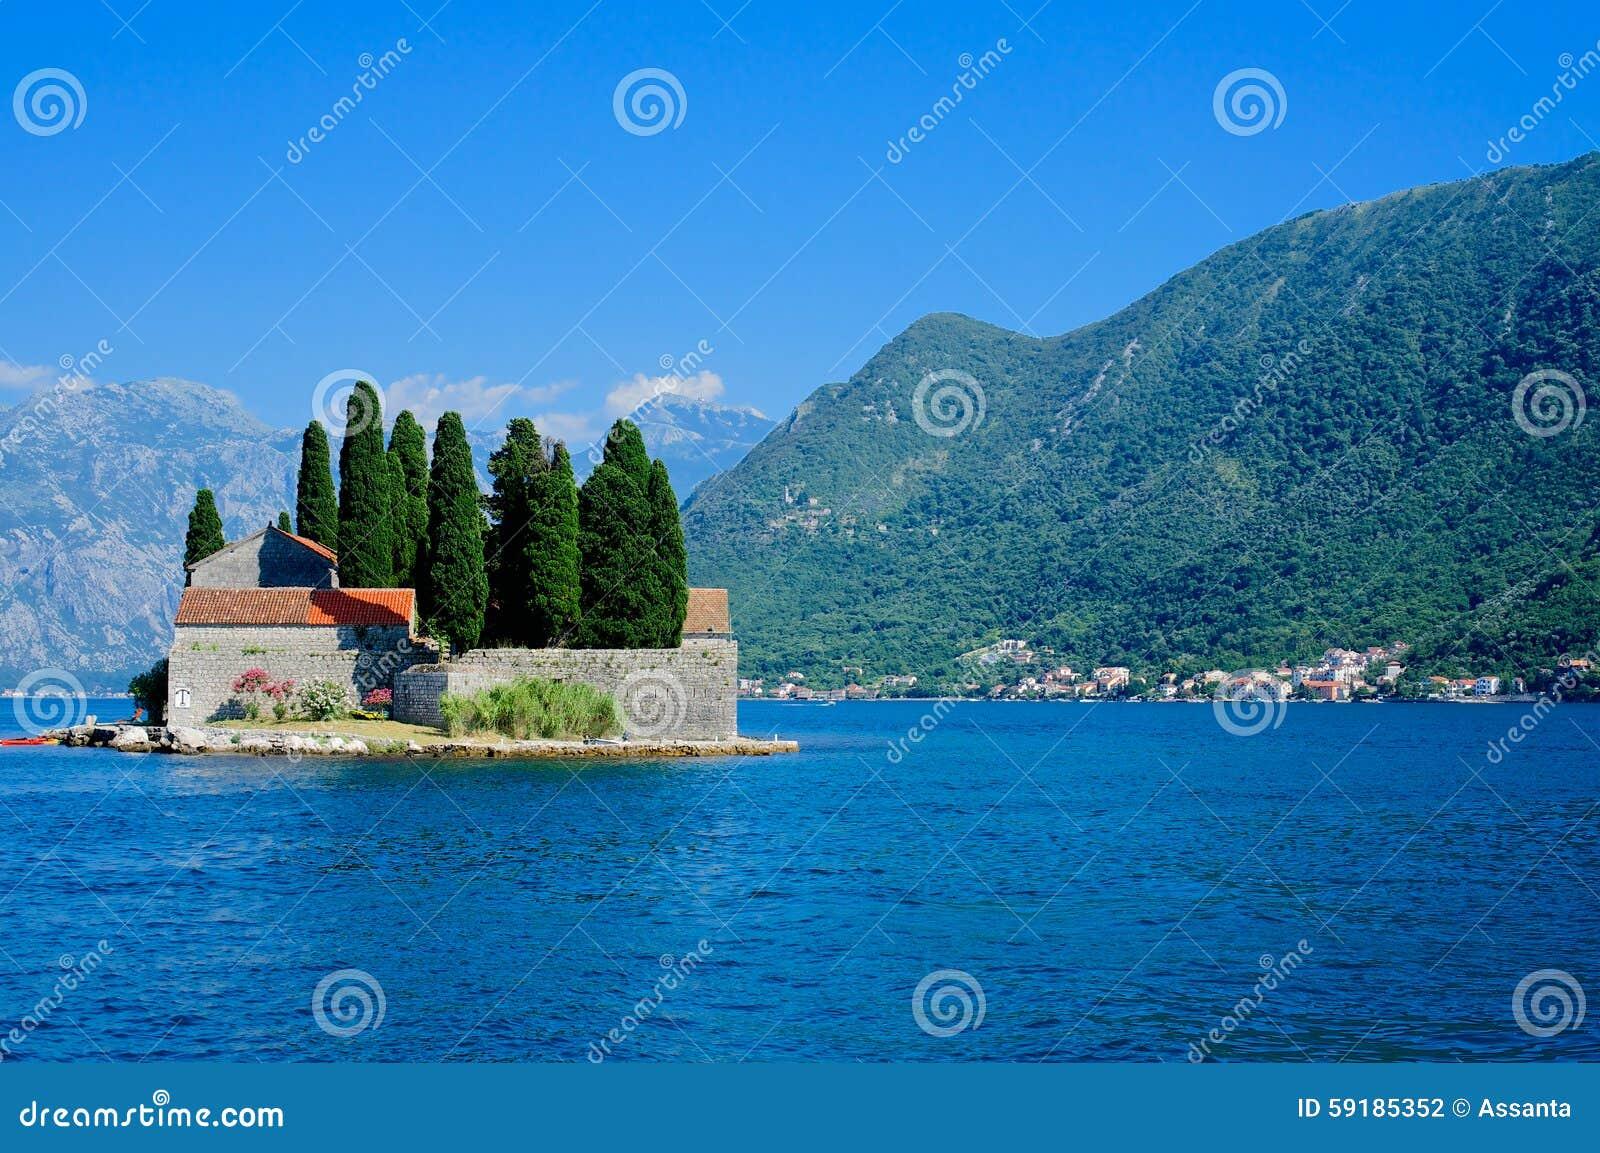 La isla de San Jorge, bahía de Kotor, sitio del patrimonio mundial de la UNESCO